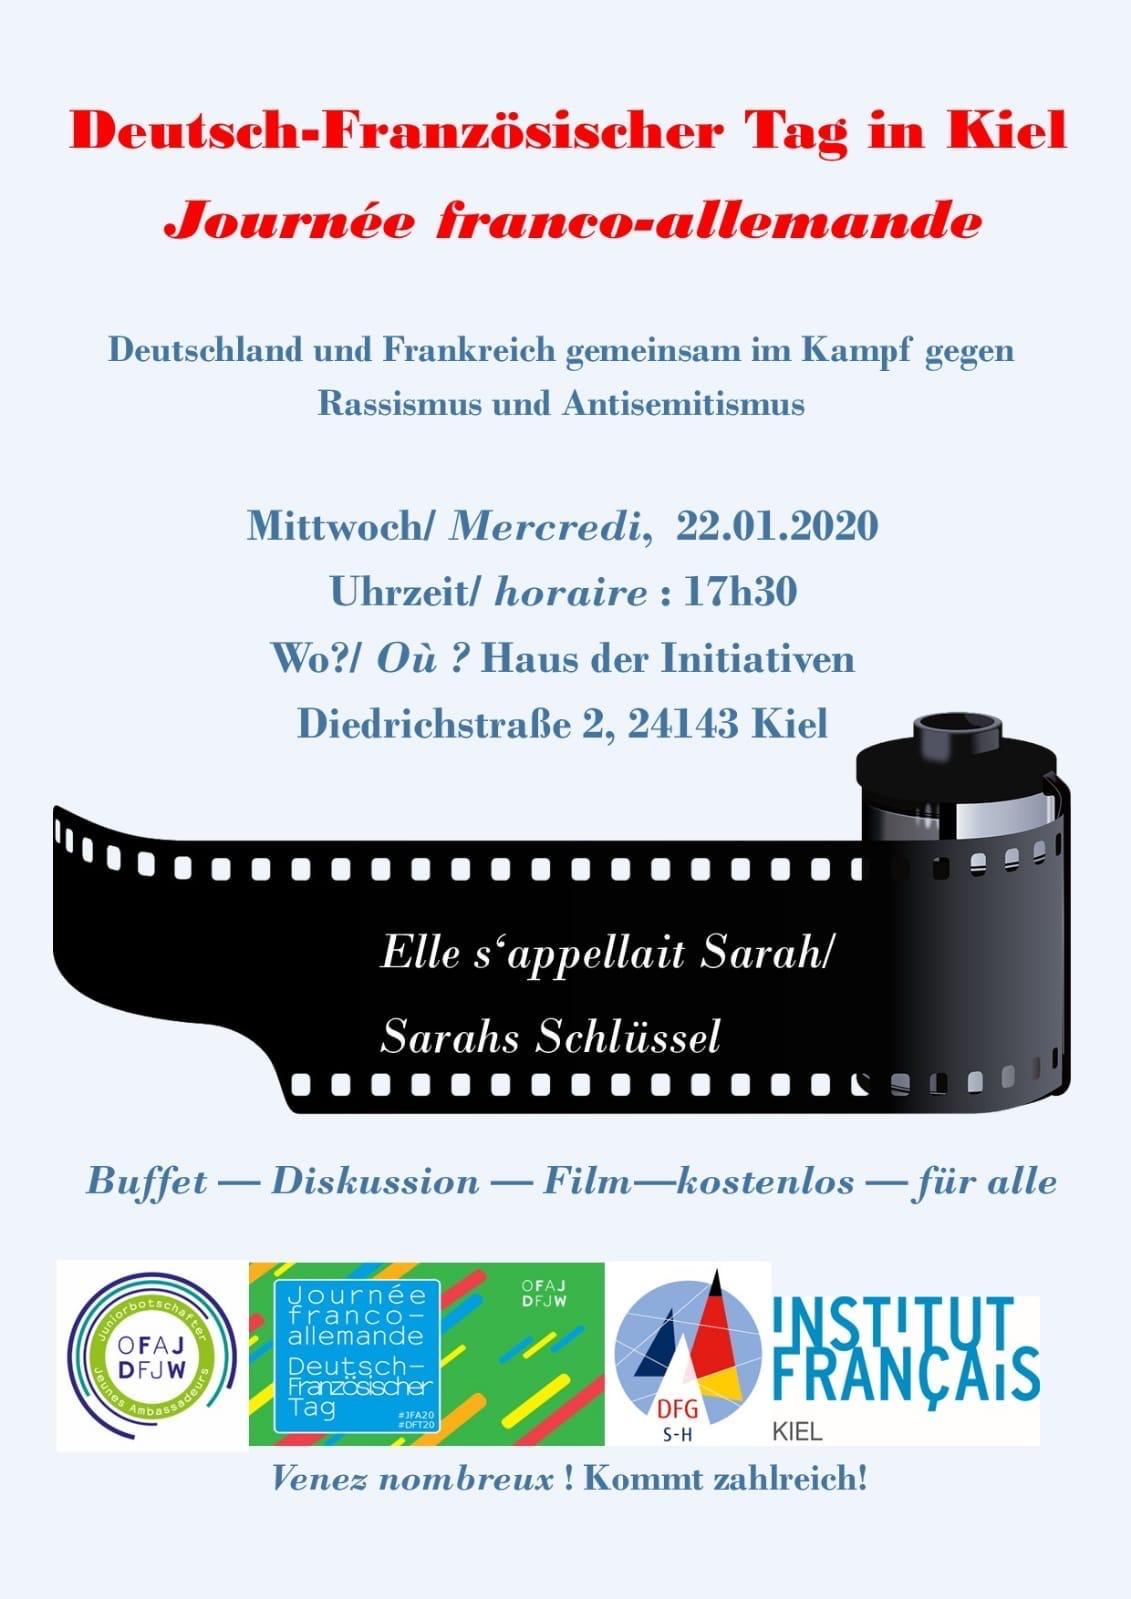 Deutsch-Französischer Tag: Film, Diskussion & Buffet